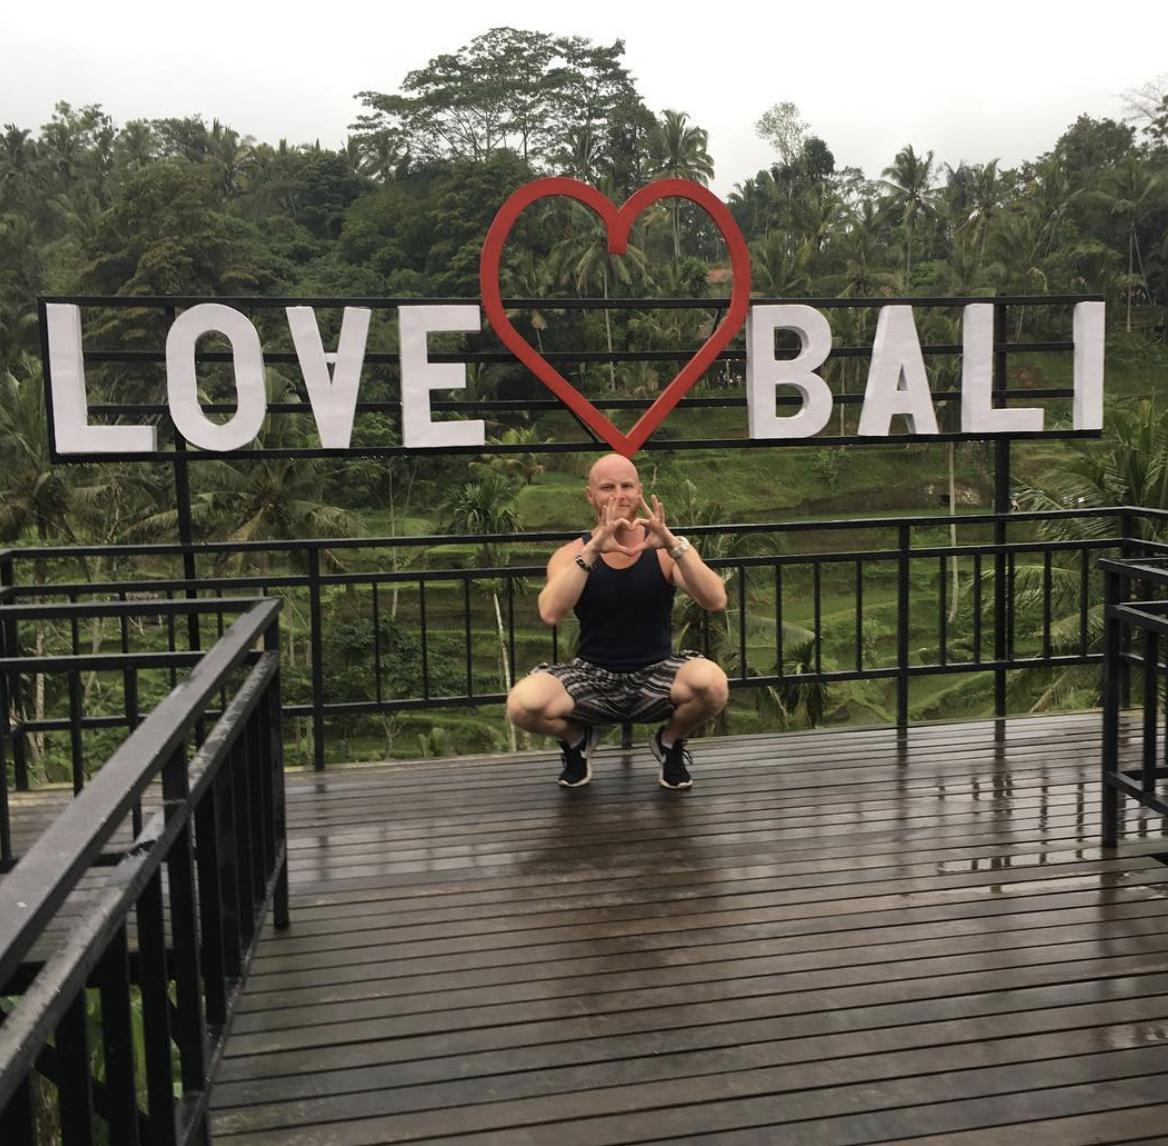 Как мы решились улететь на Бали, взяв билеты в один конец